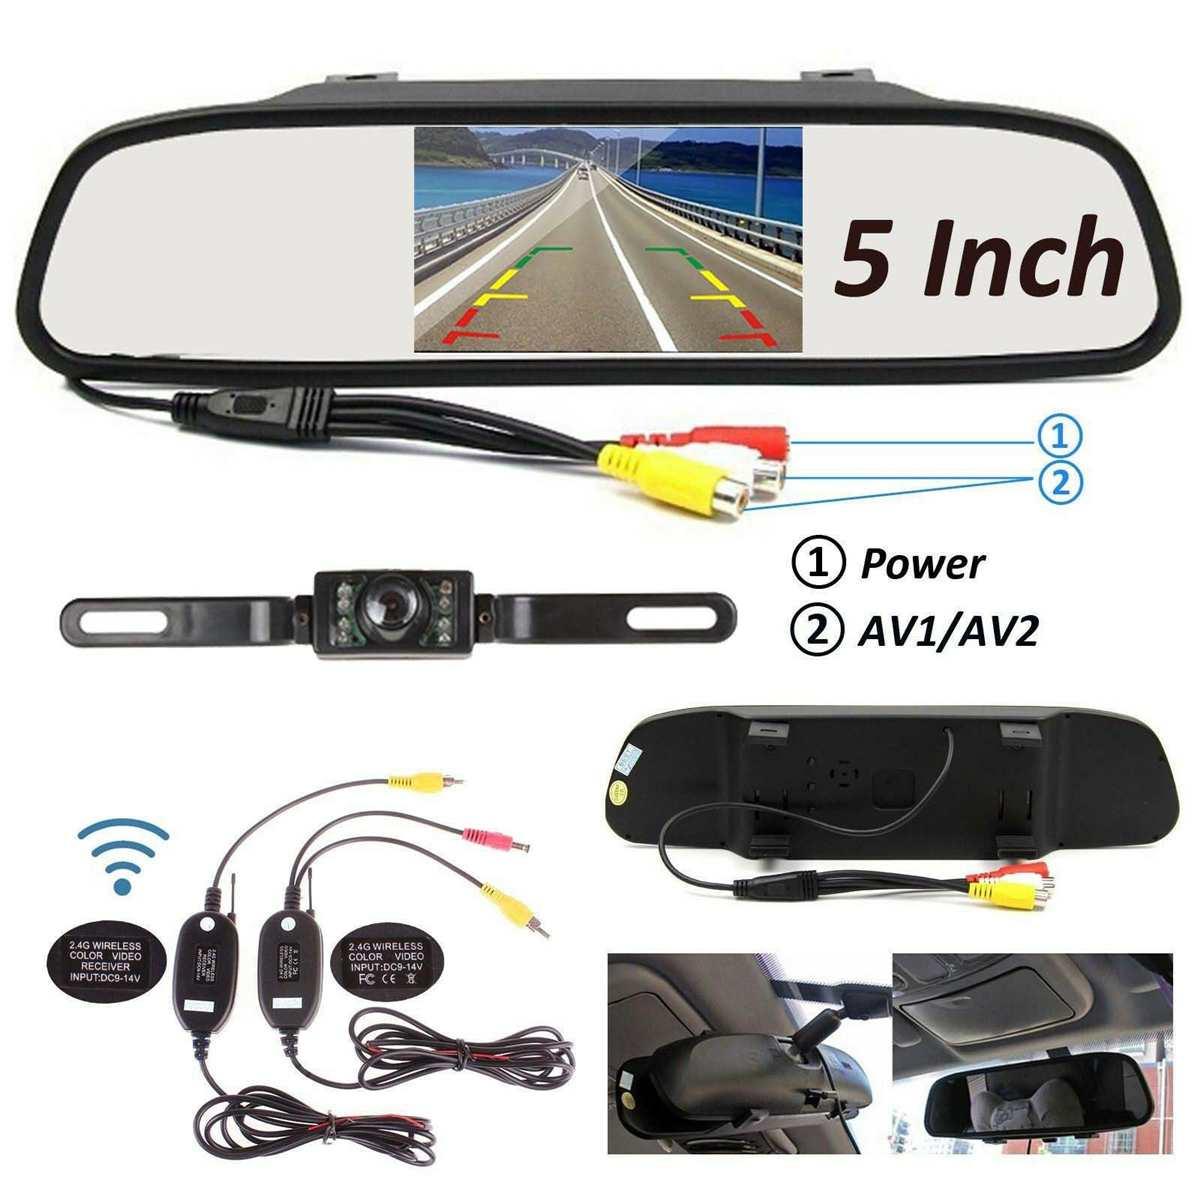 2,4 ГГц 5 дюймов ЖК монитор зеркало Беспроводная Автомобильная камера заднего вида IP67 водонепроницаемая автомобильная камера заднего вида Парковка Обратный комплект